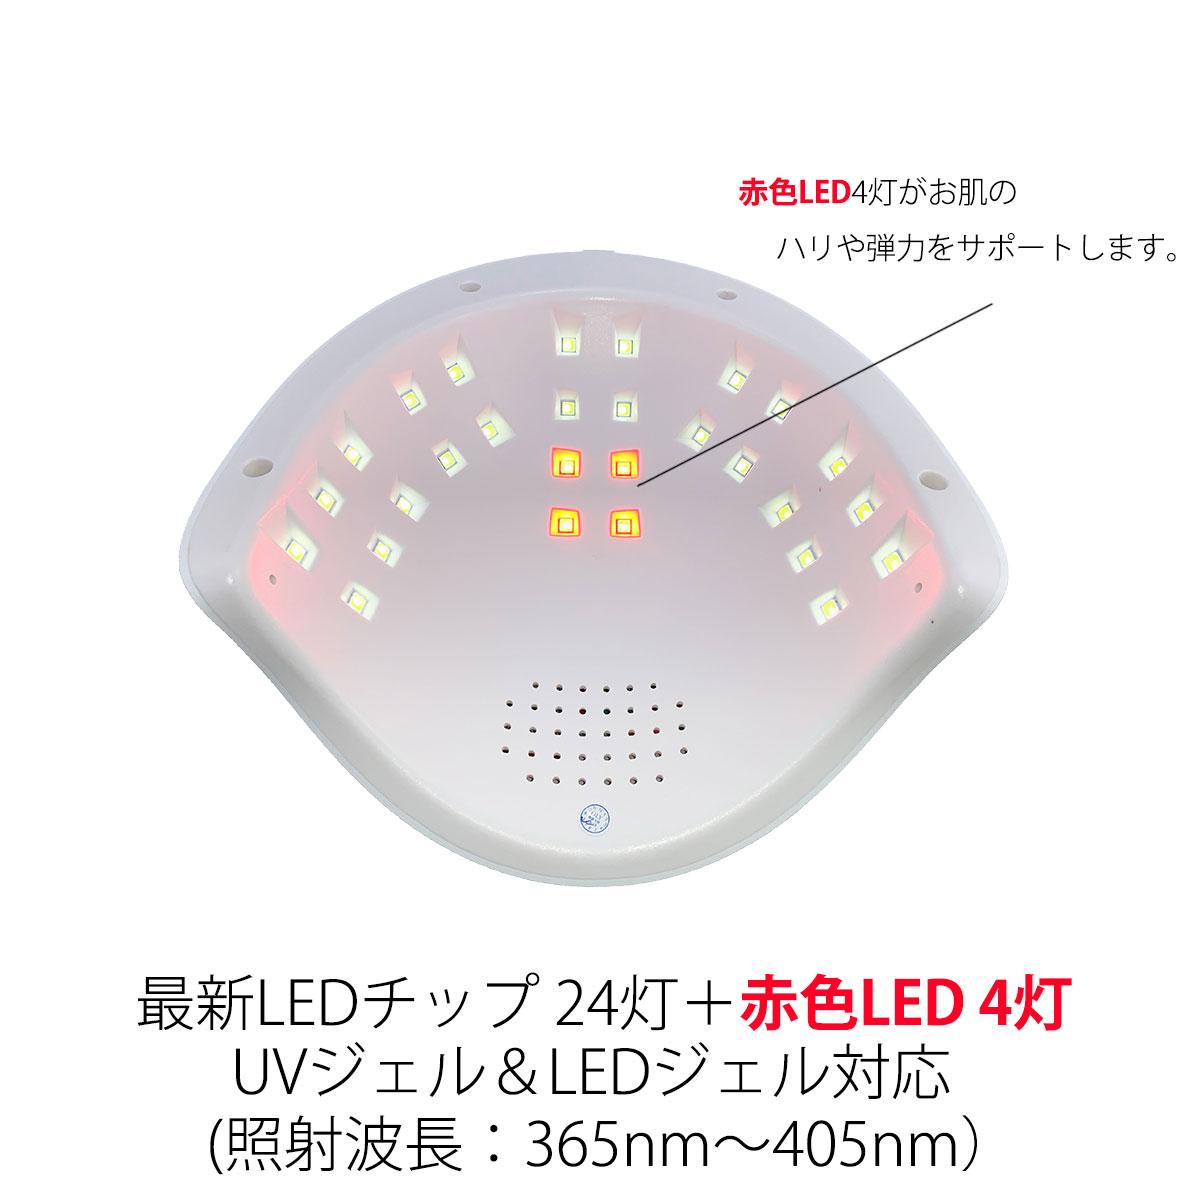 ジェルネイル LEDライト